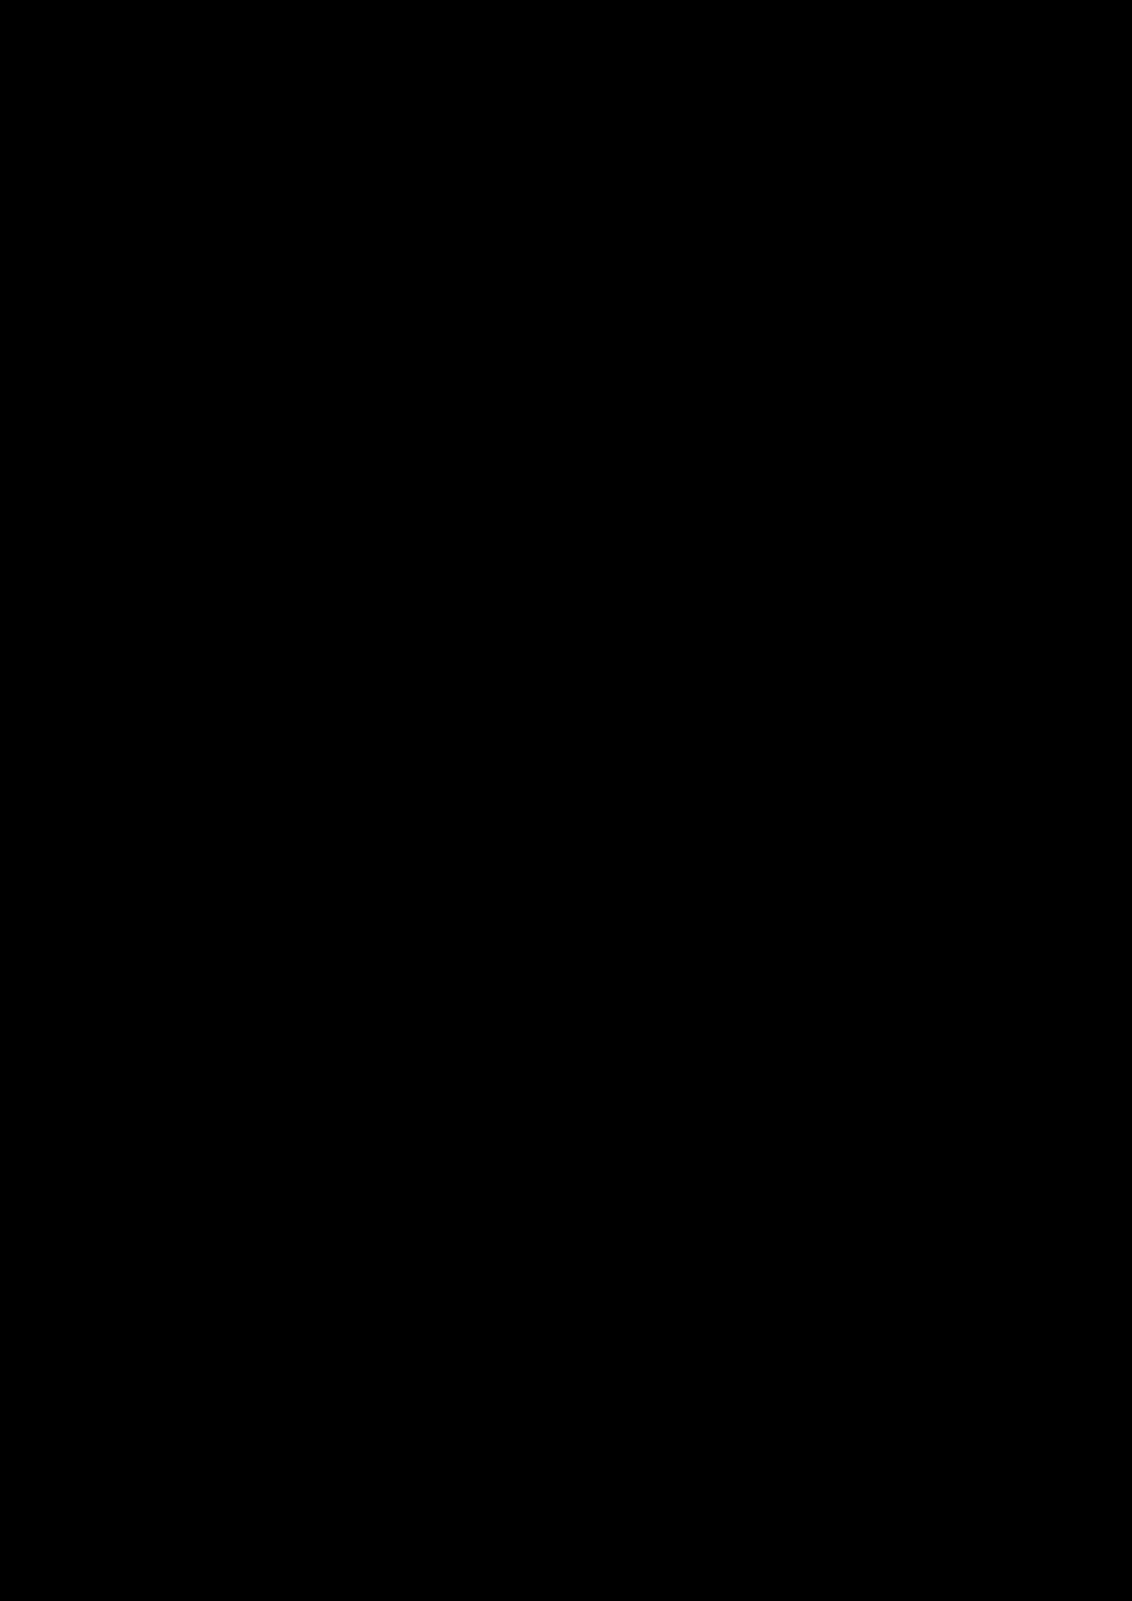 Osobyiy rezon slide, Image 19